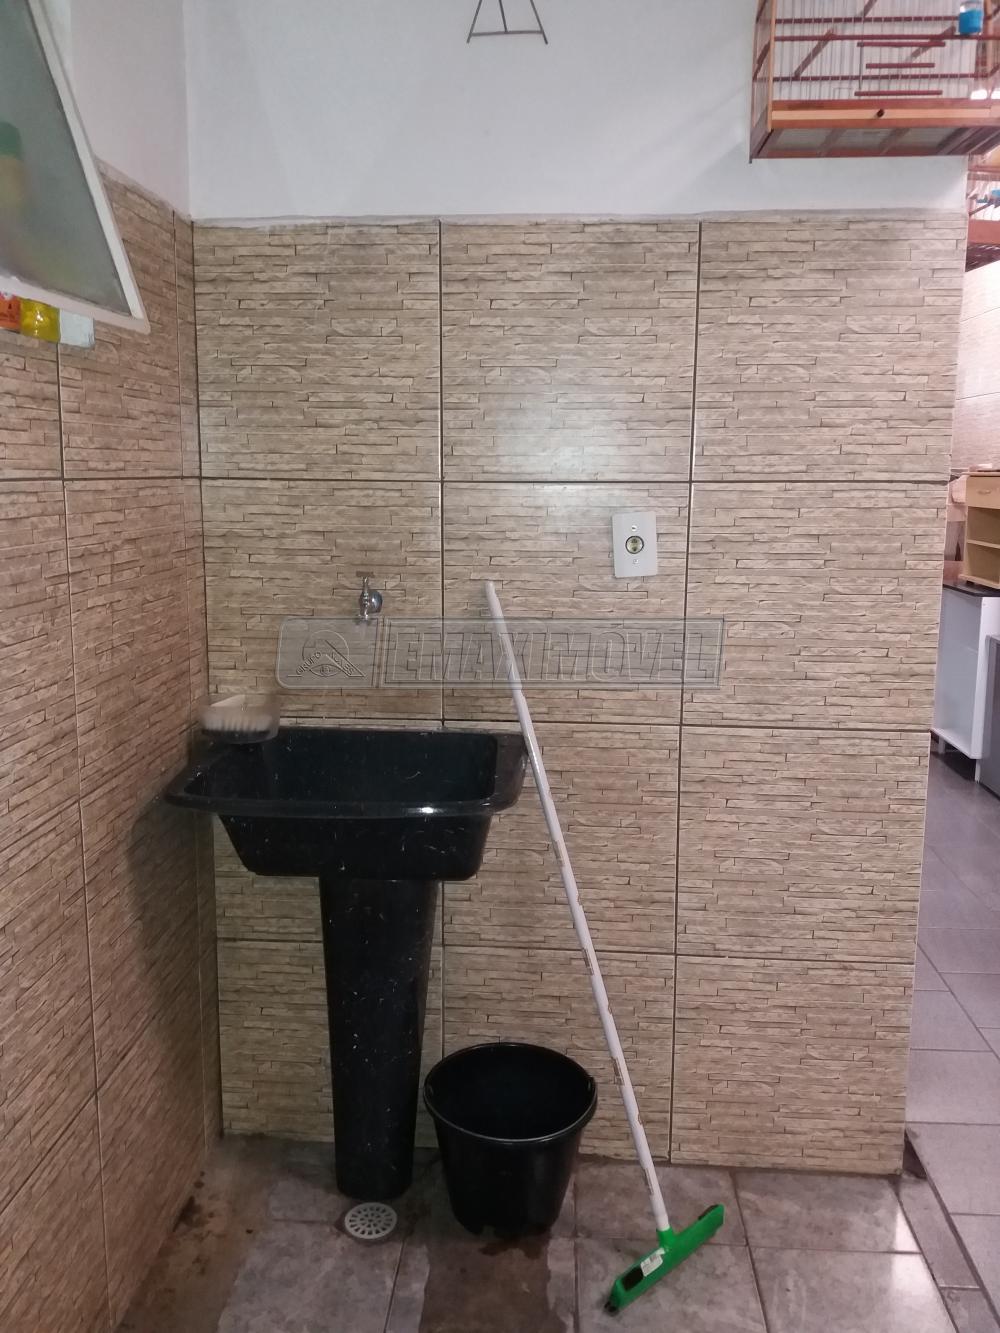 Alugar Salão Comercial / Negócios em Sorocaba R$ 1.700,00 - Foto 8